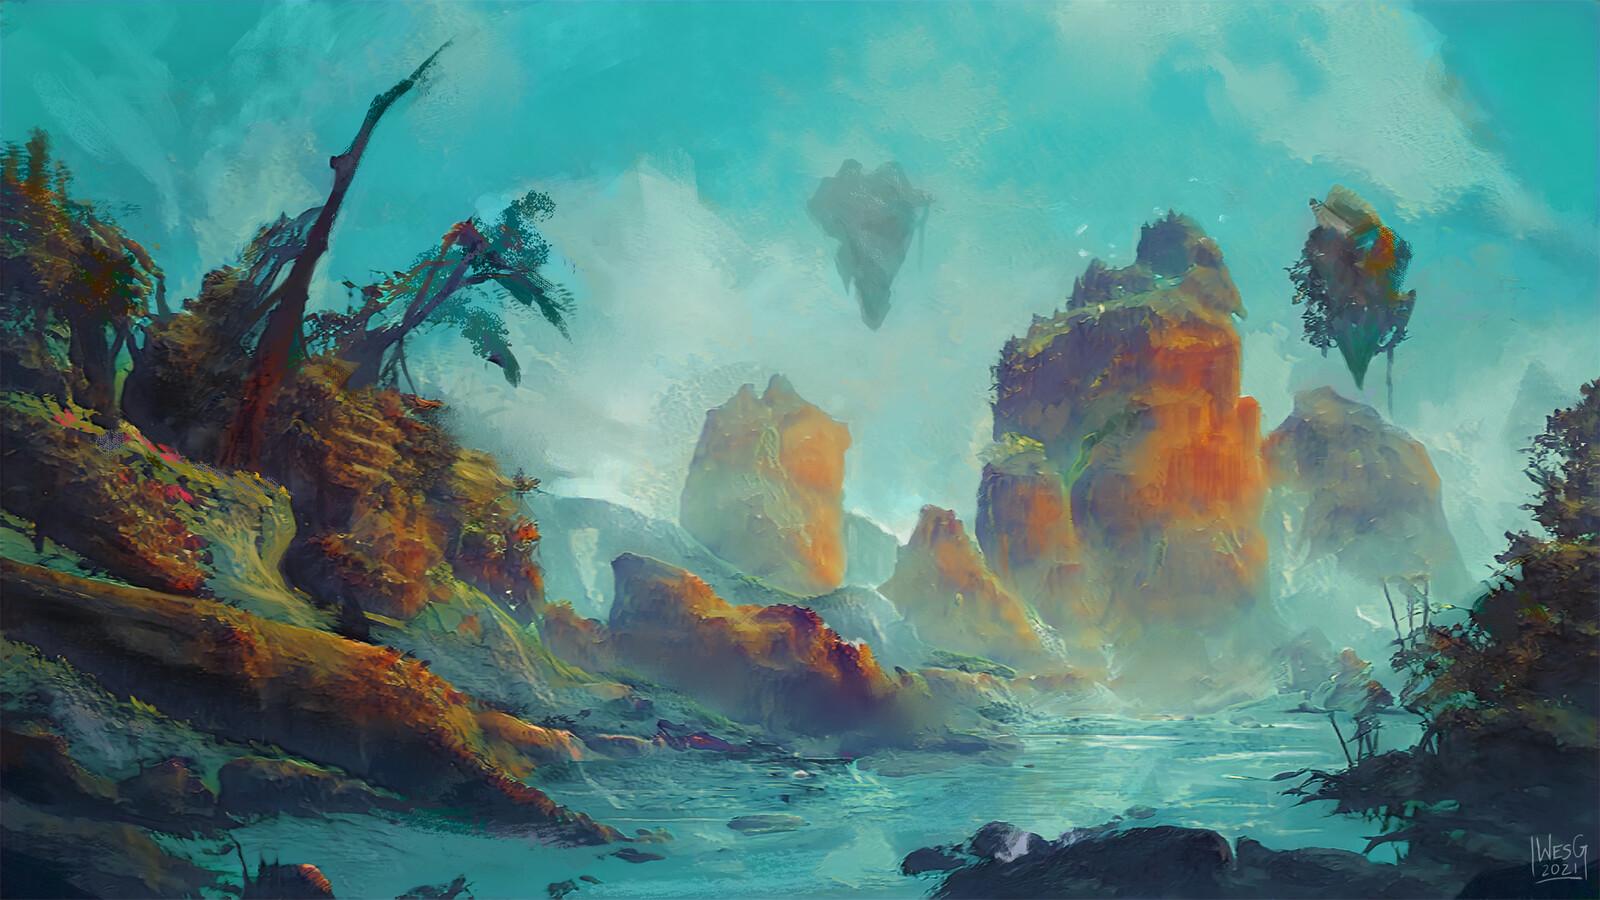 The Forsaken Coast